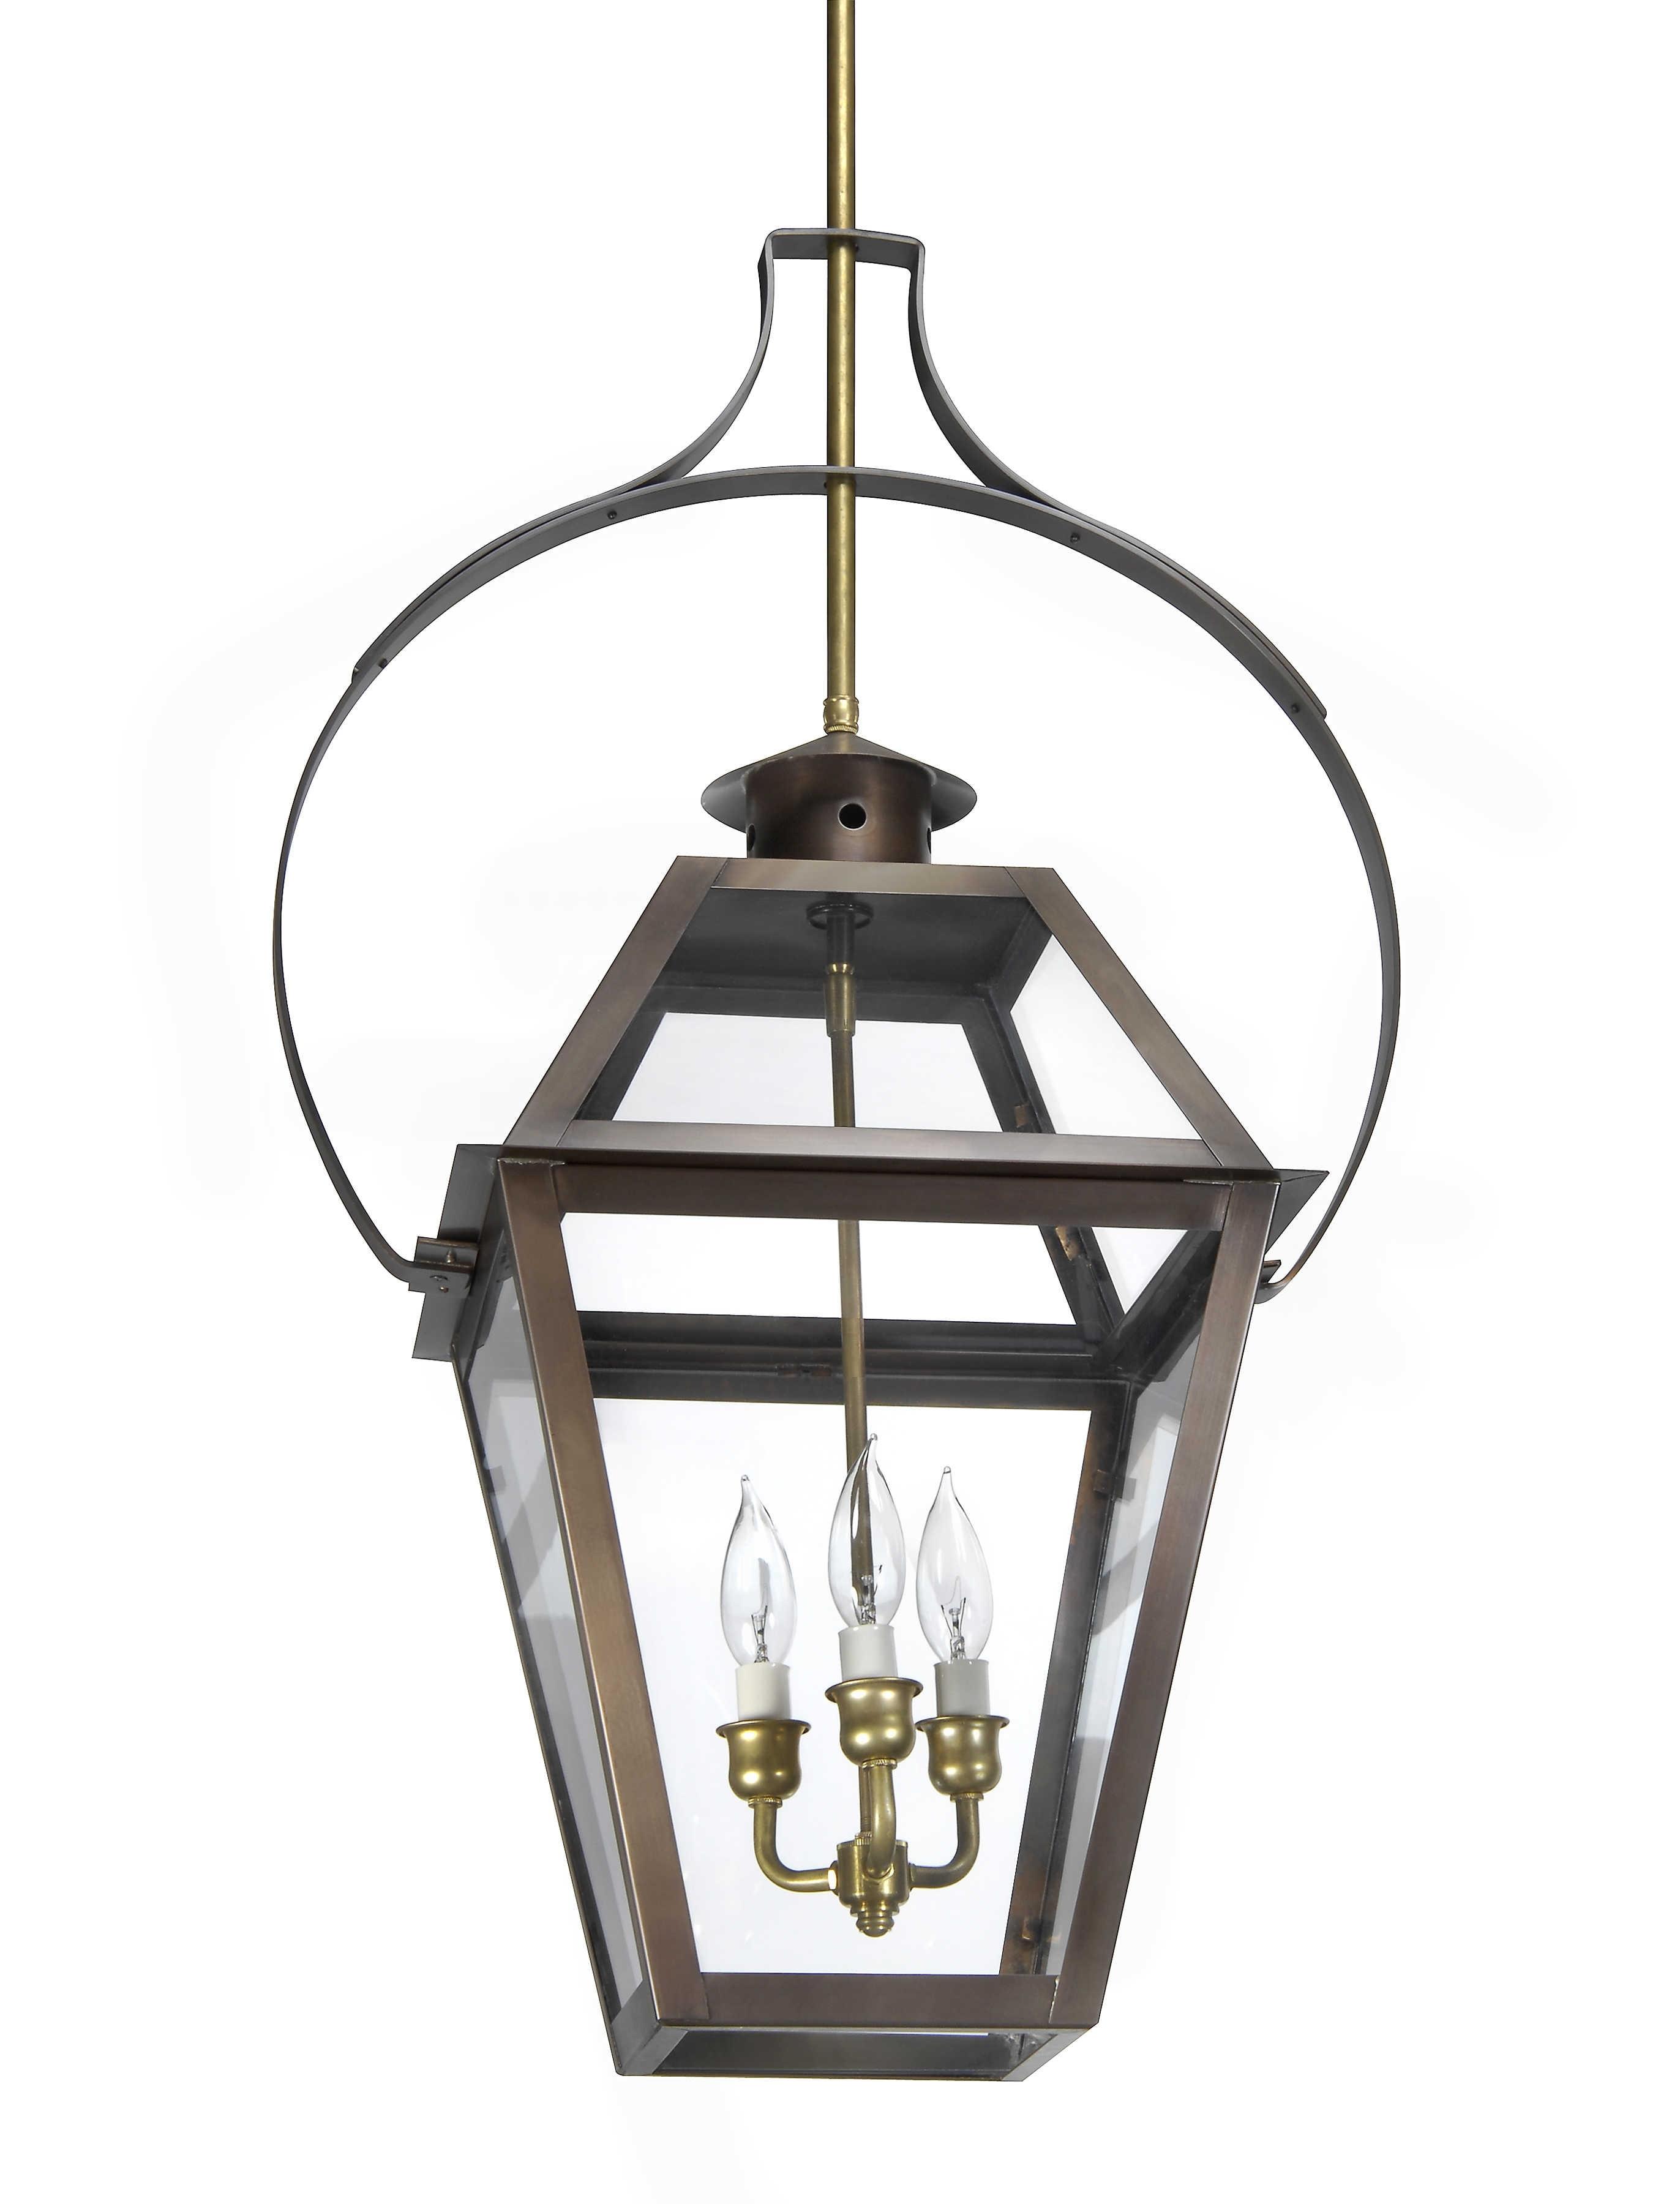 Charleston Collection   Ch 23 Hanging Yoke Light– Lantern & Scroll Regarding Electric Outdoor Hanging Lanterns (View 3 of 15)